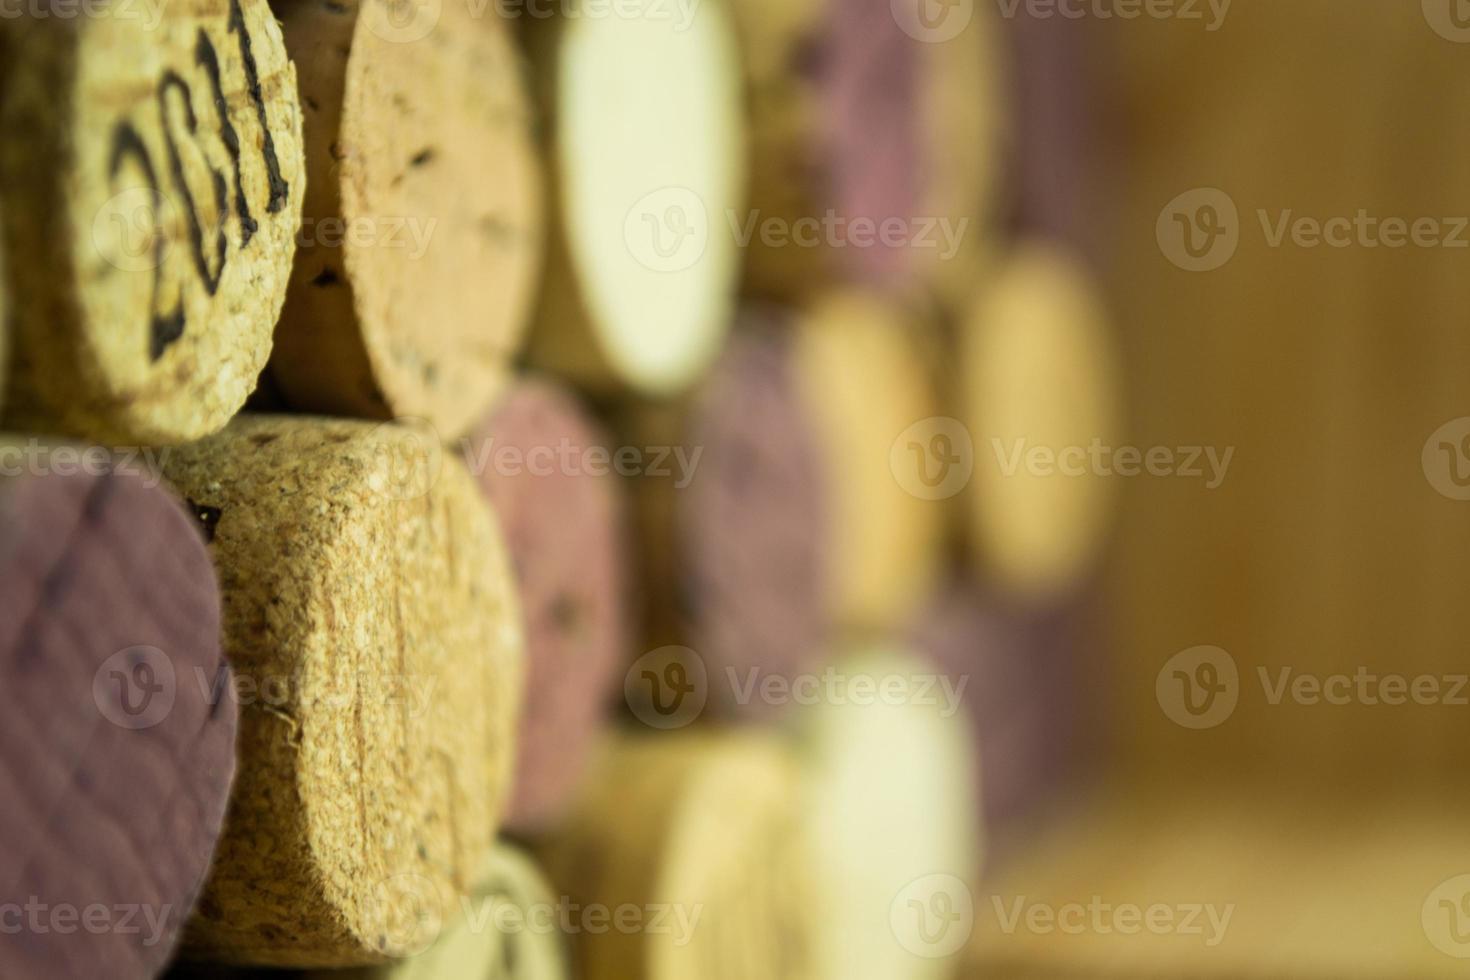 sfondo di vari tappi per vino usati da vicino foto